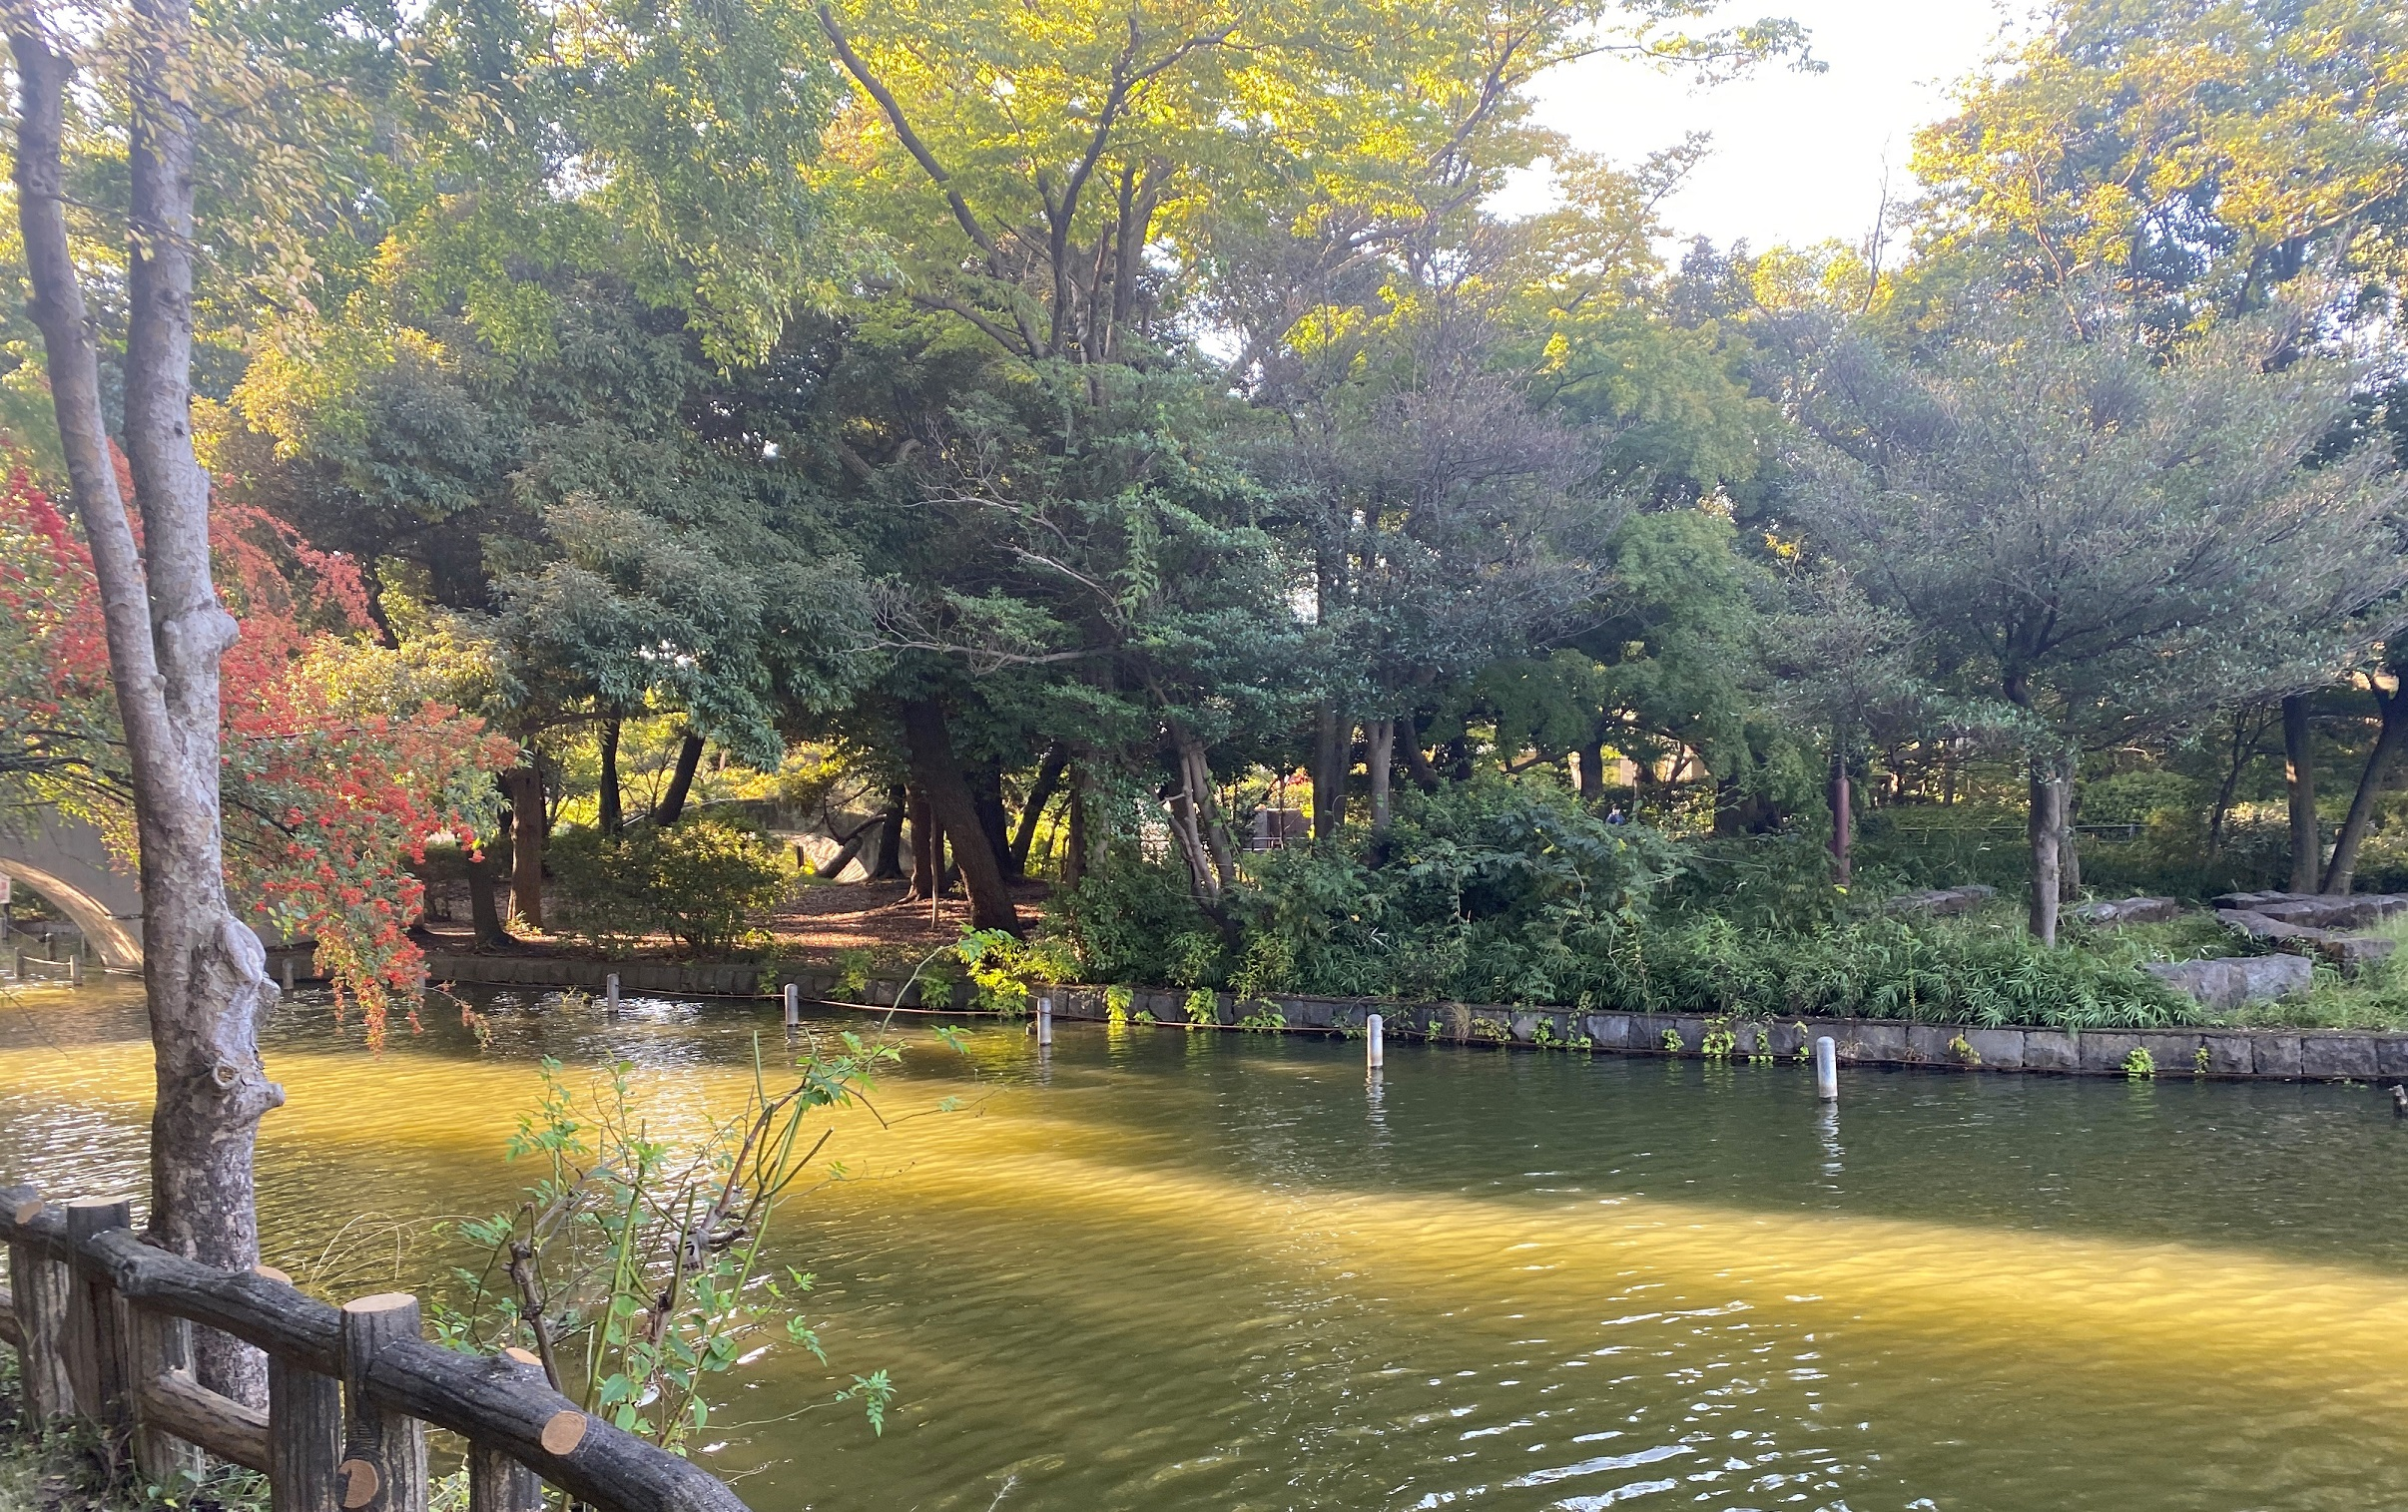 都立石神井公園-練馬区-東京-2020年10月20日-撮影:iPhone 11 Pro